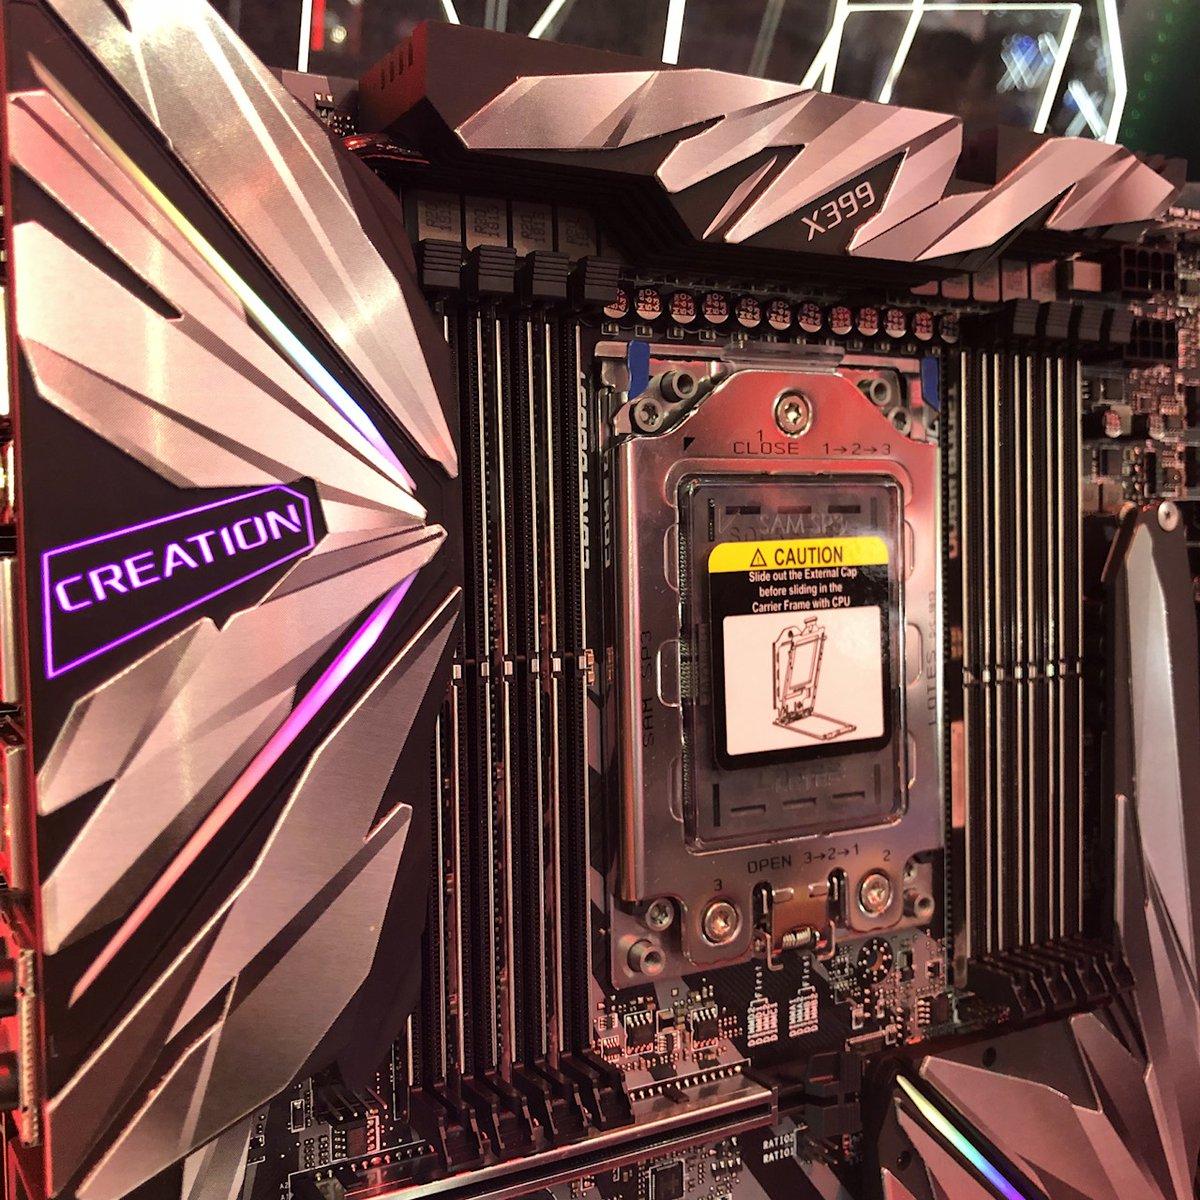 MSI Menjadi Satu-Satunya Motherboard Maker Yang Menawarkan Resizable BAR Support Di Seluruh Platform HEDT Termasuk AMD TRX40, X399 & Intel X299